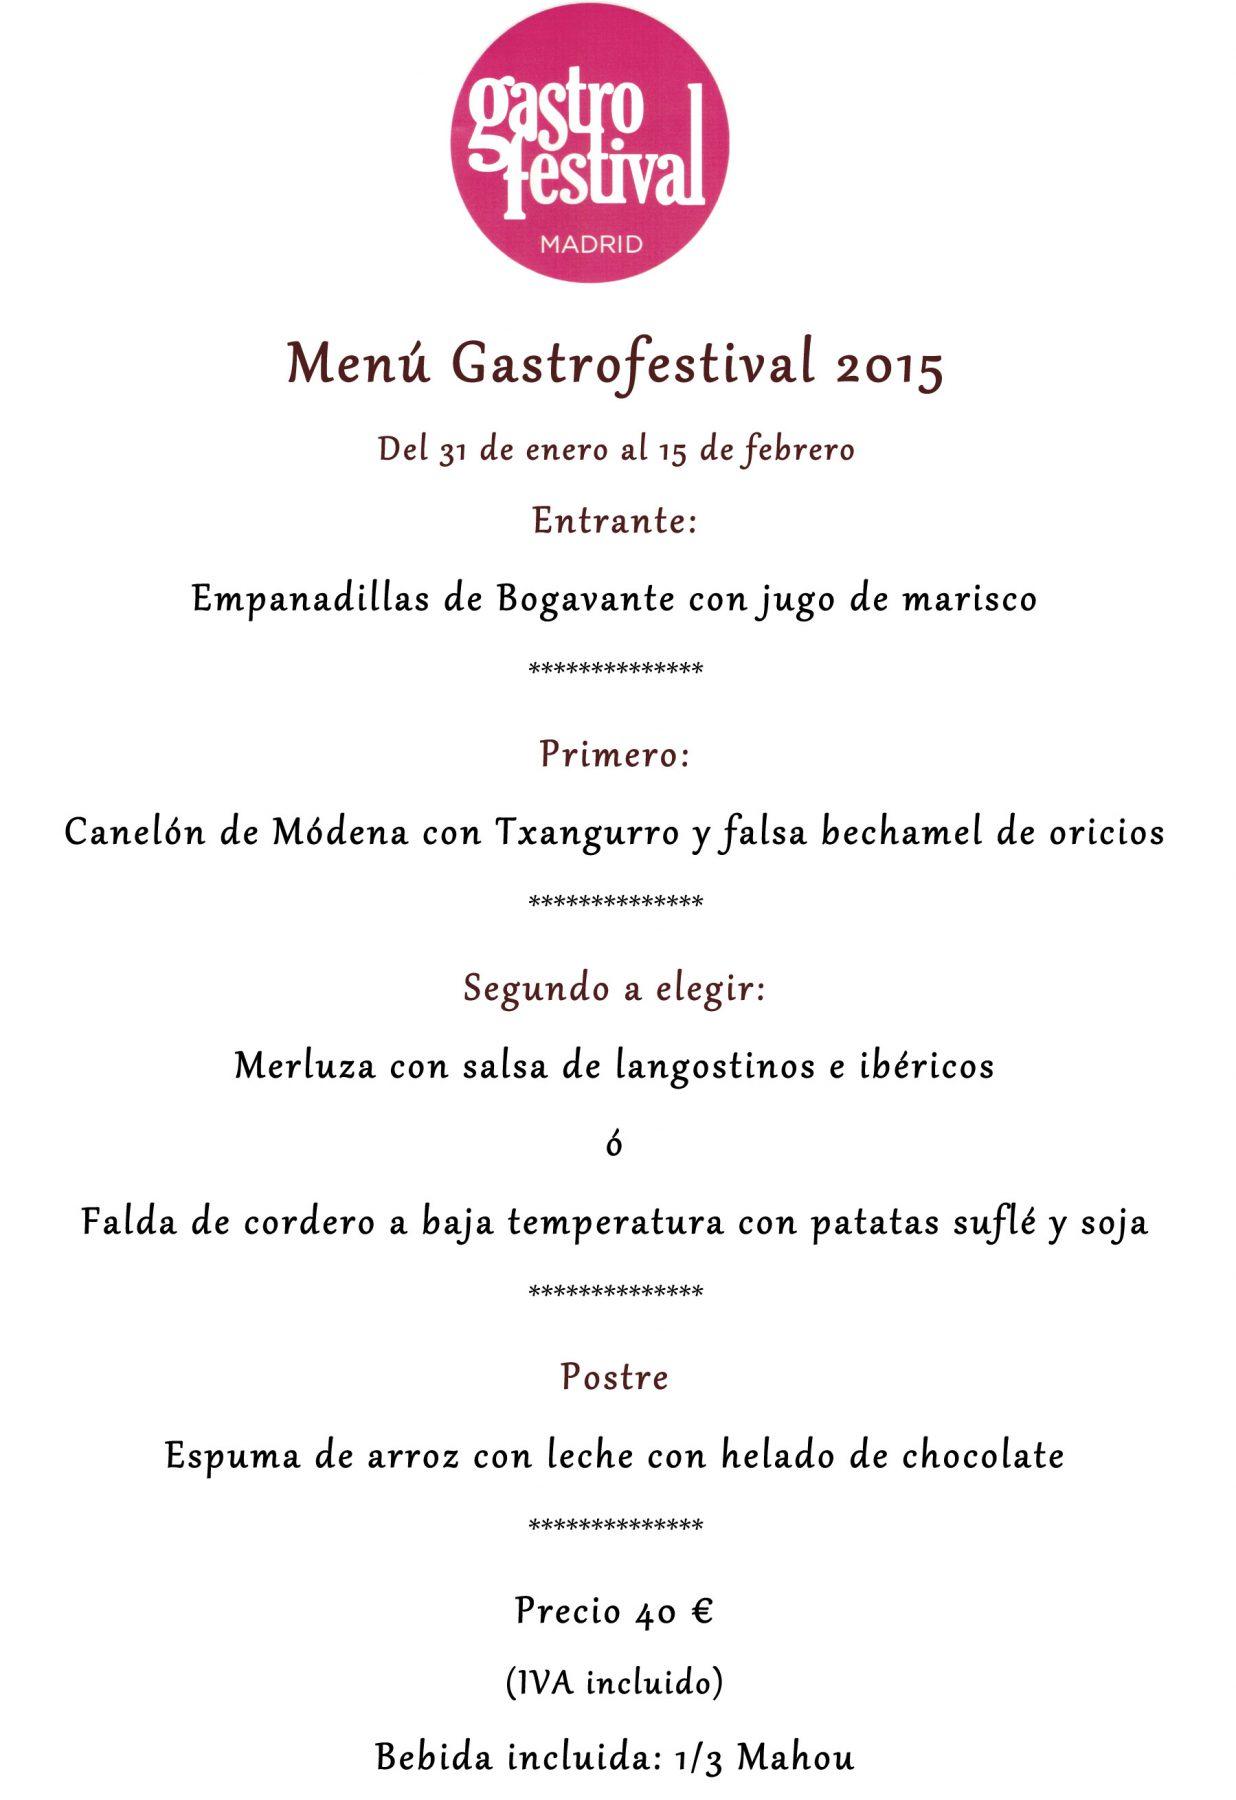 Menú Gastrofestival 2015_Asgaya